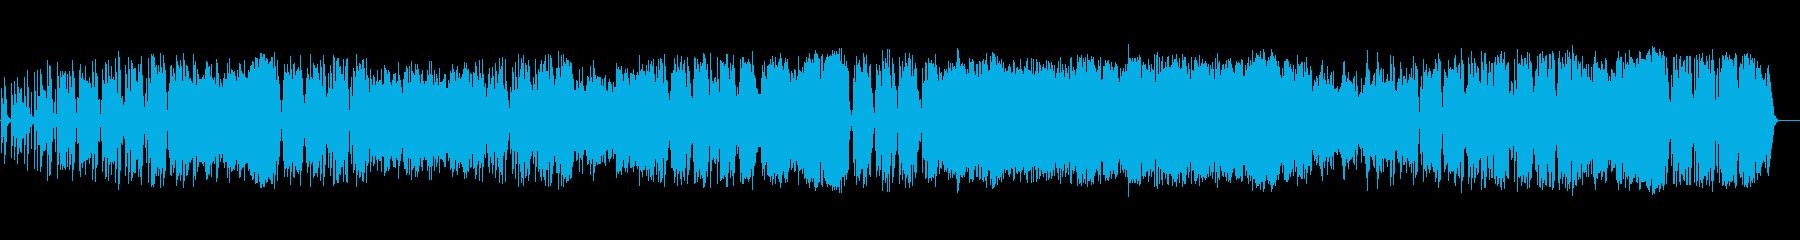 アップビートでダイナミックなトラッ...の再生済みの波形